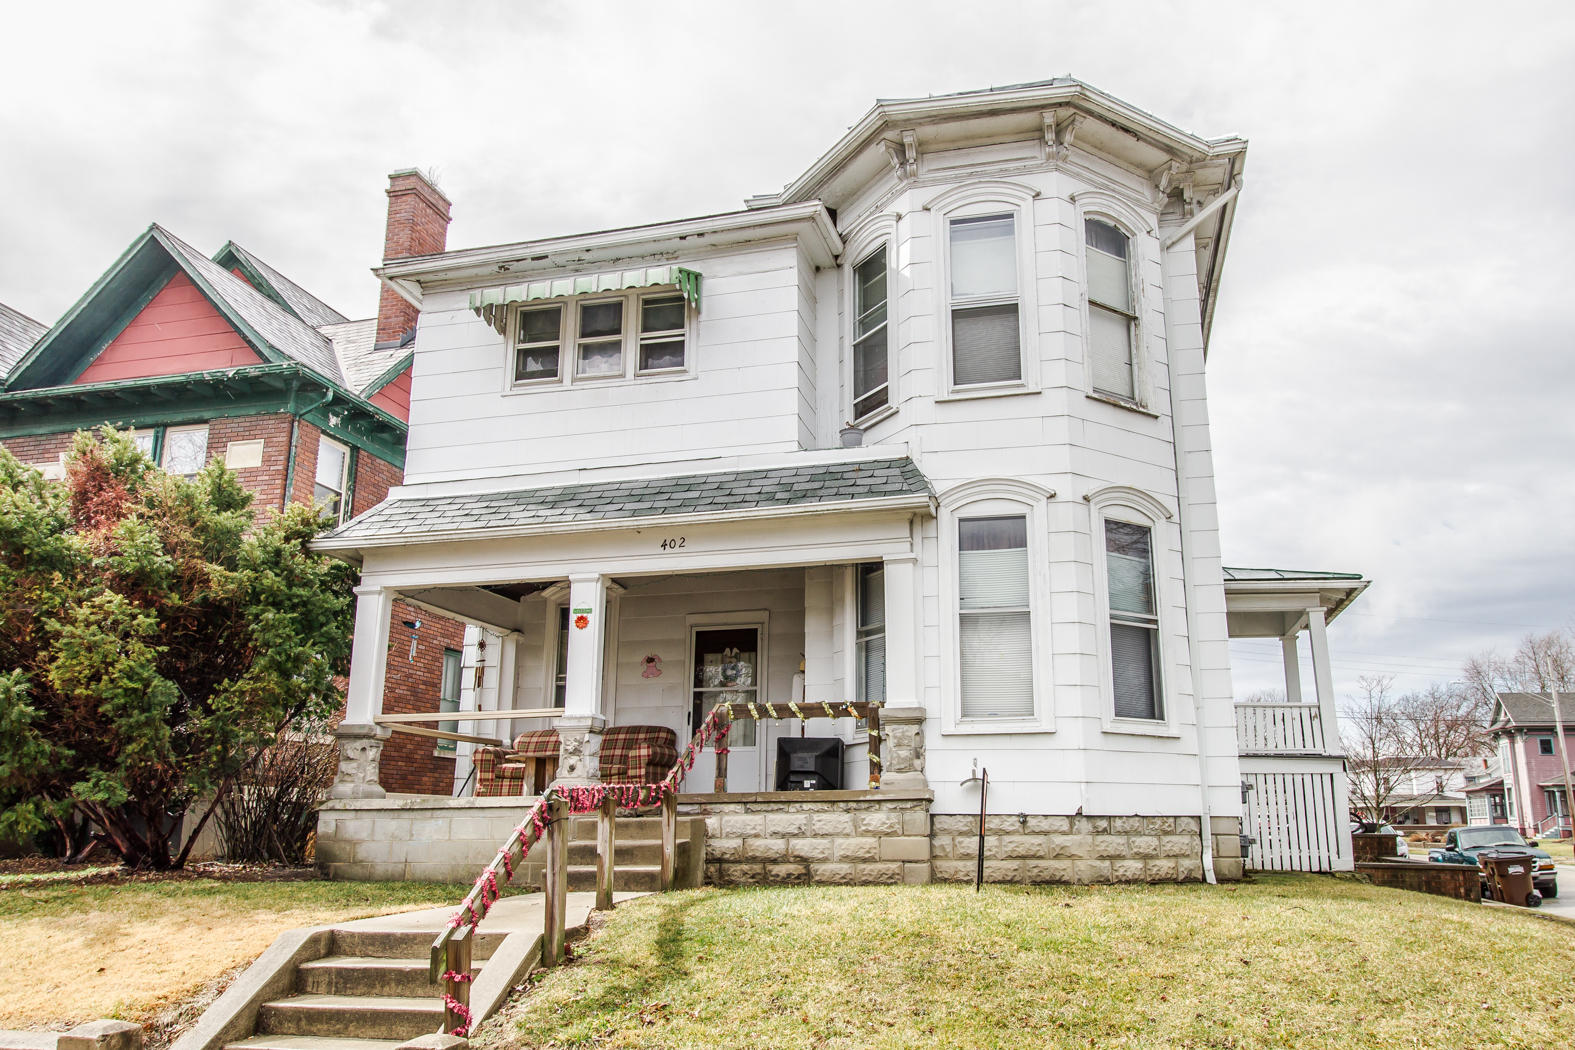 402 Washington Property Photo